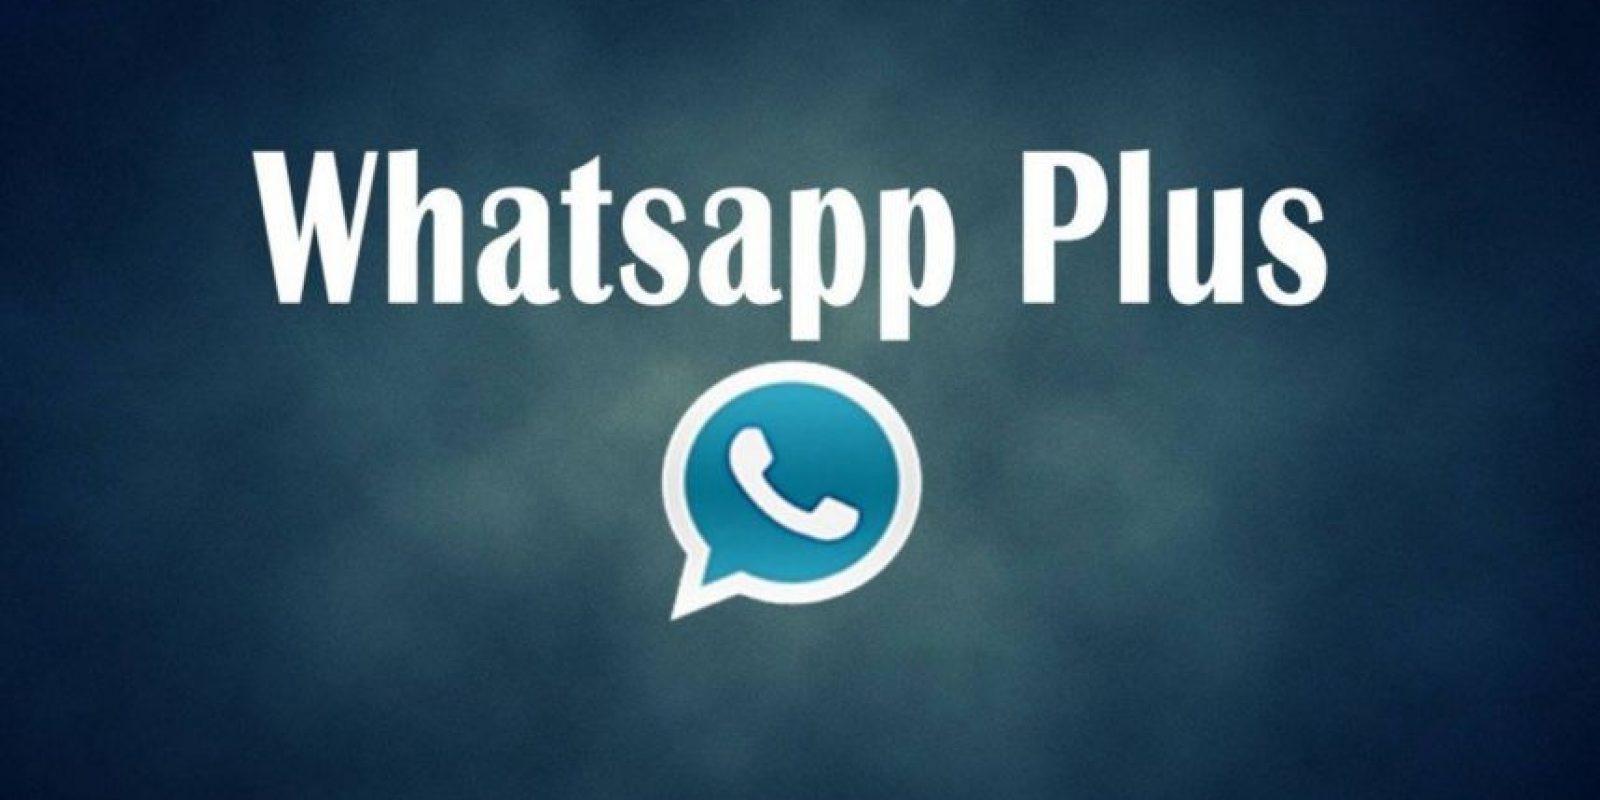 Es la más reciente versión de WhatsApp Plus. Foto:Vía Twitter.com. Imagen Por: